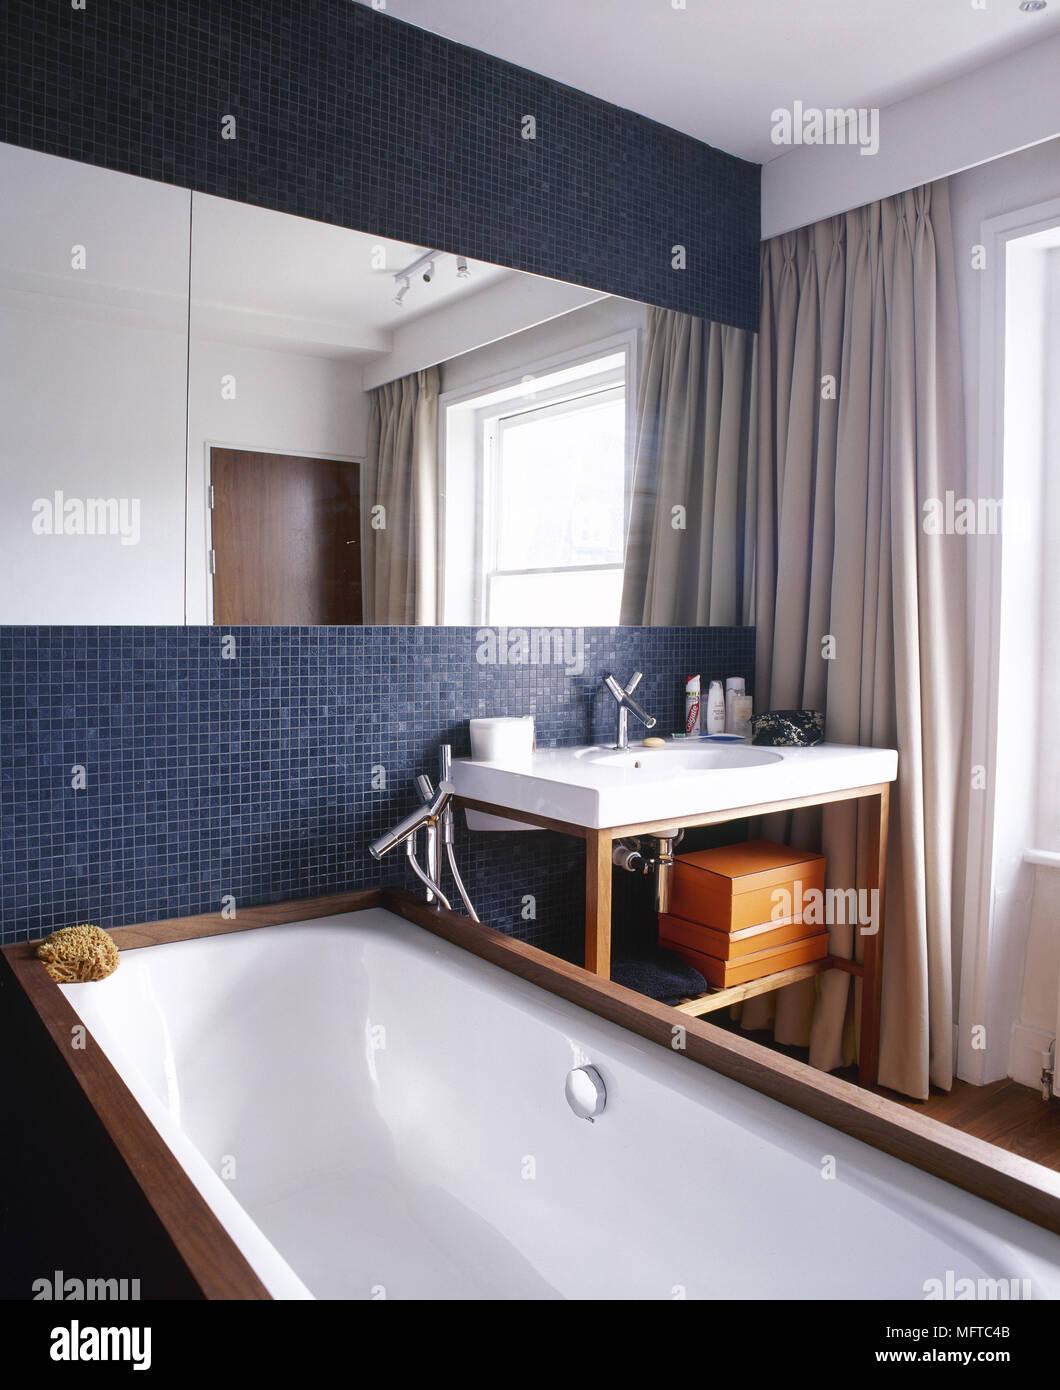 Modernes Badezimmer Mit Mosaik Fliese Mauer, Großer Spiegel, Waschbecken  Auf Einem Stand Aus Holz, Und Badewanne.